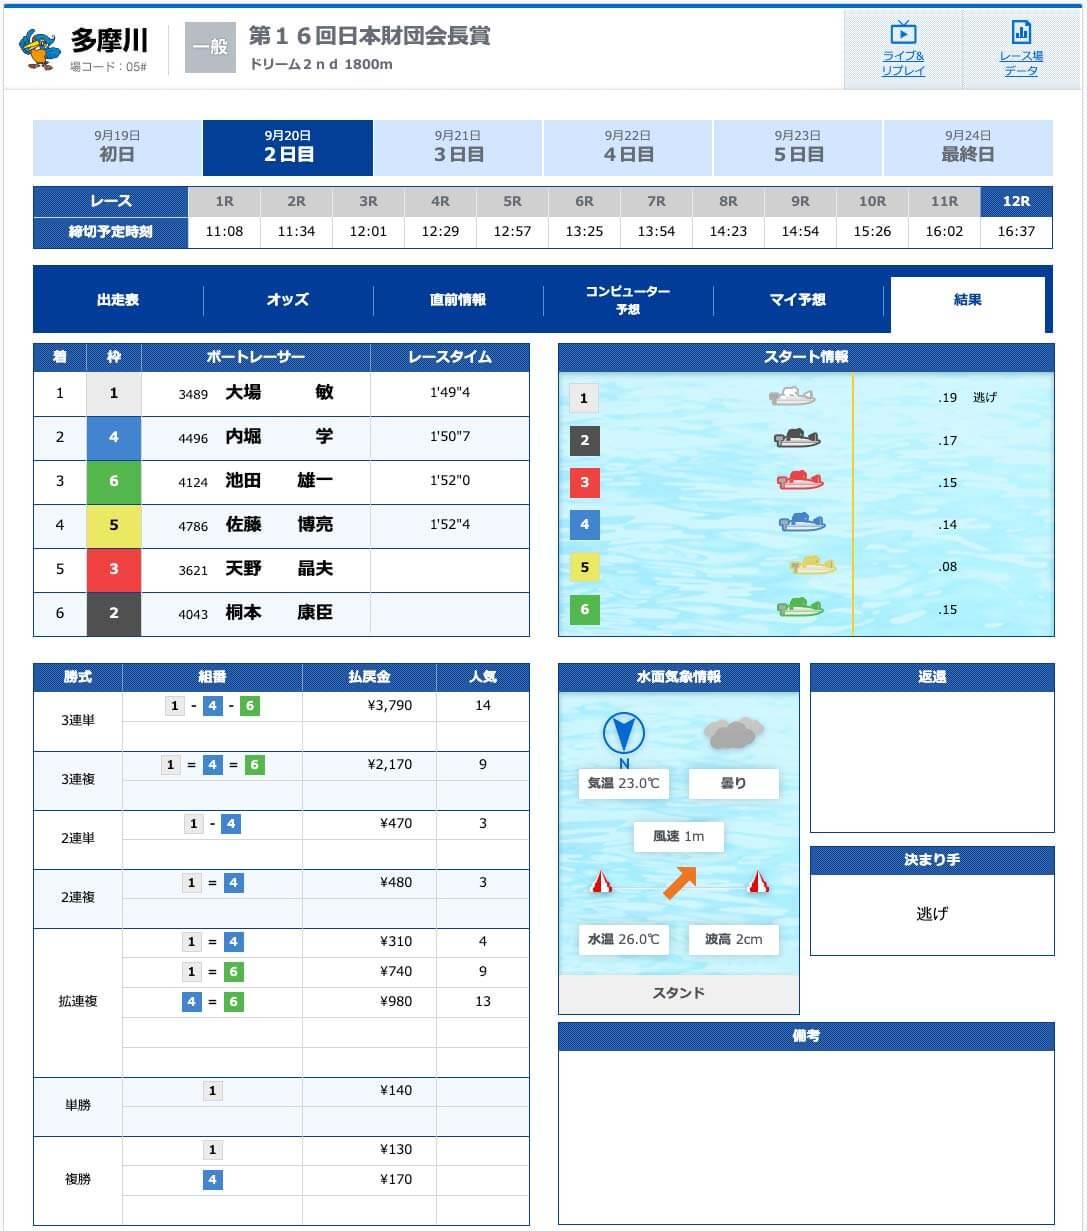 9月20日多摩川12R有料予想